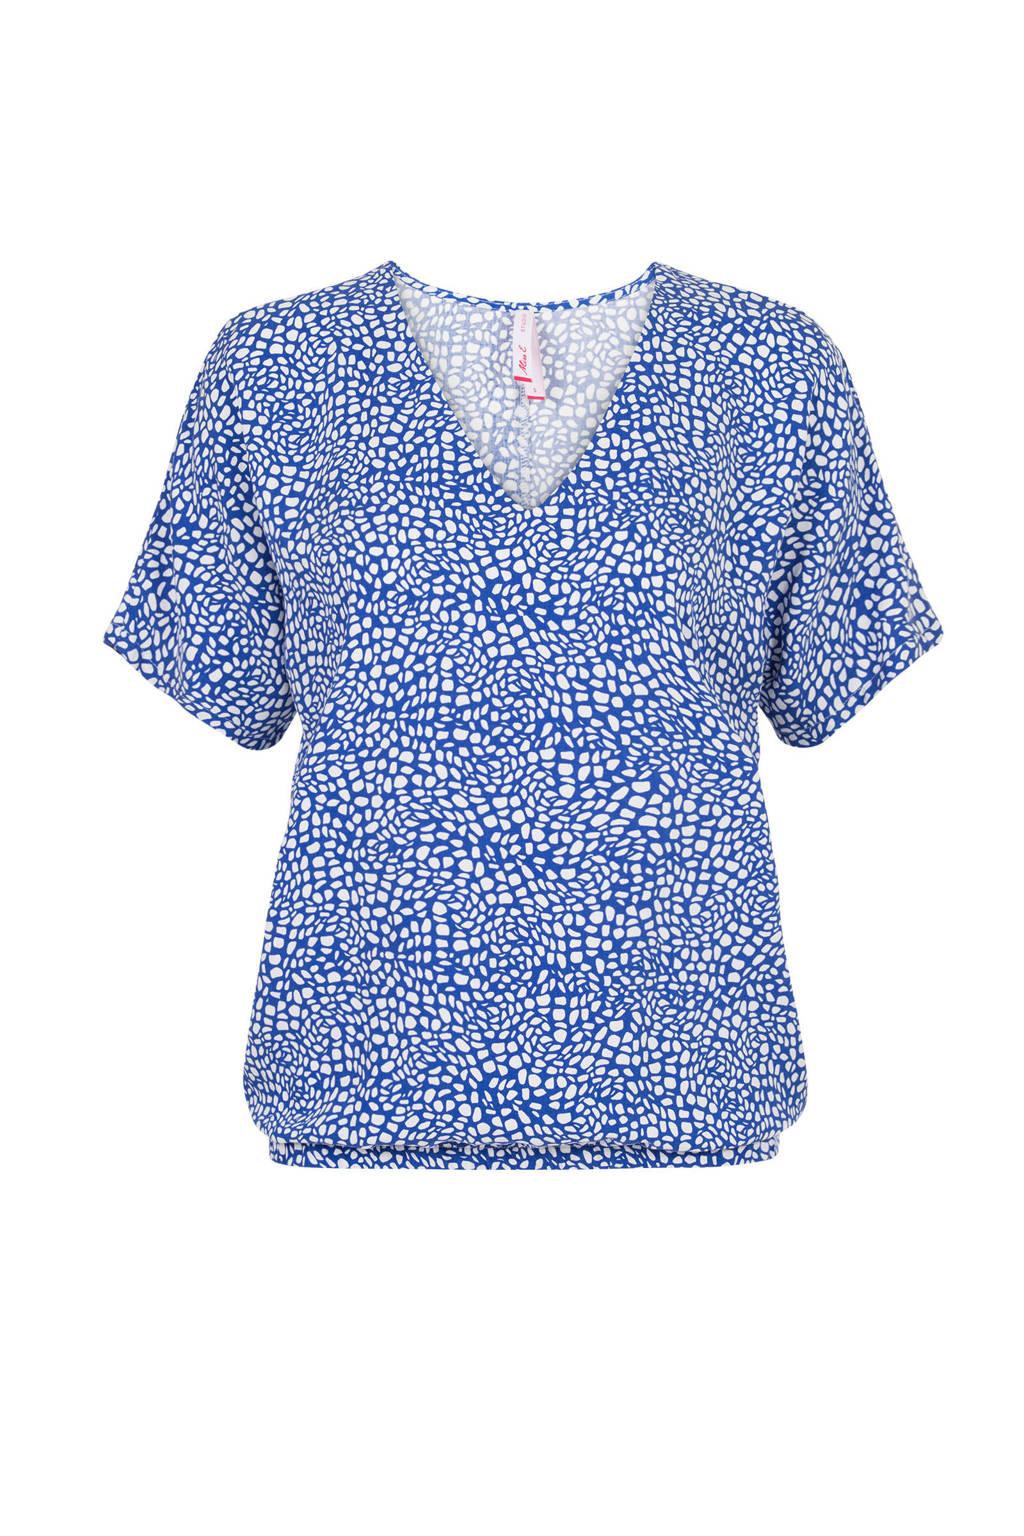 Miss Etam Regulier top met allover print blauw, Blauw